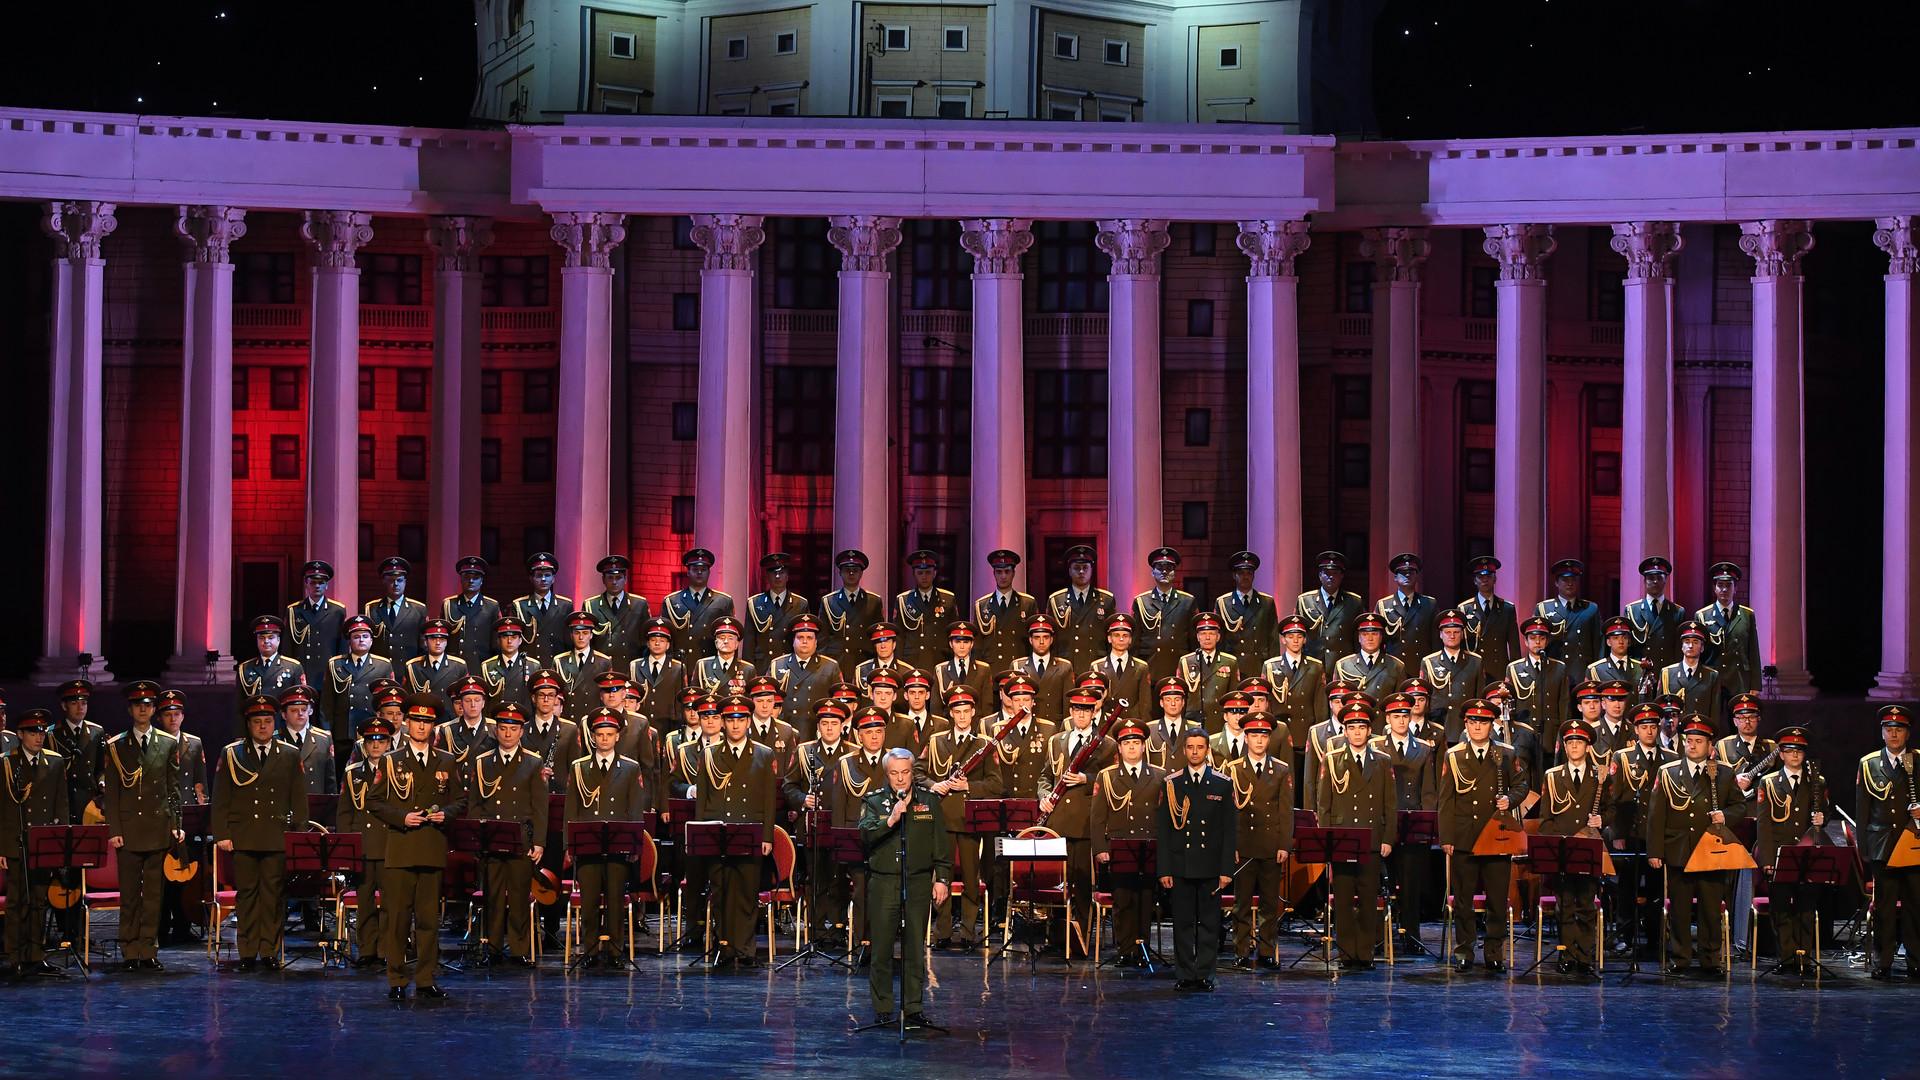 военный хор имени александрова фото дерево